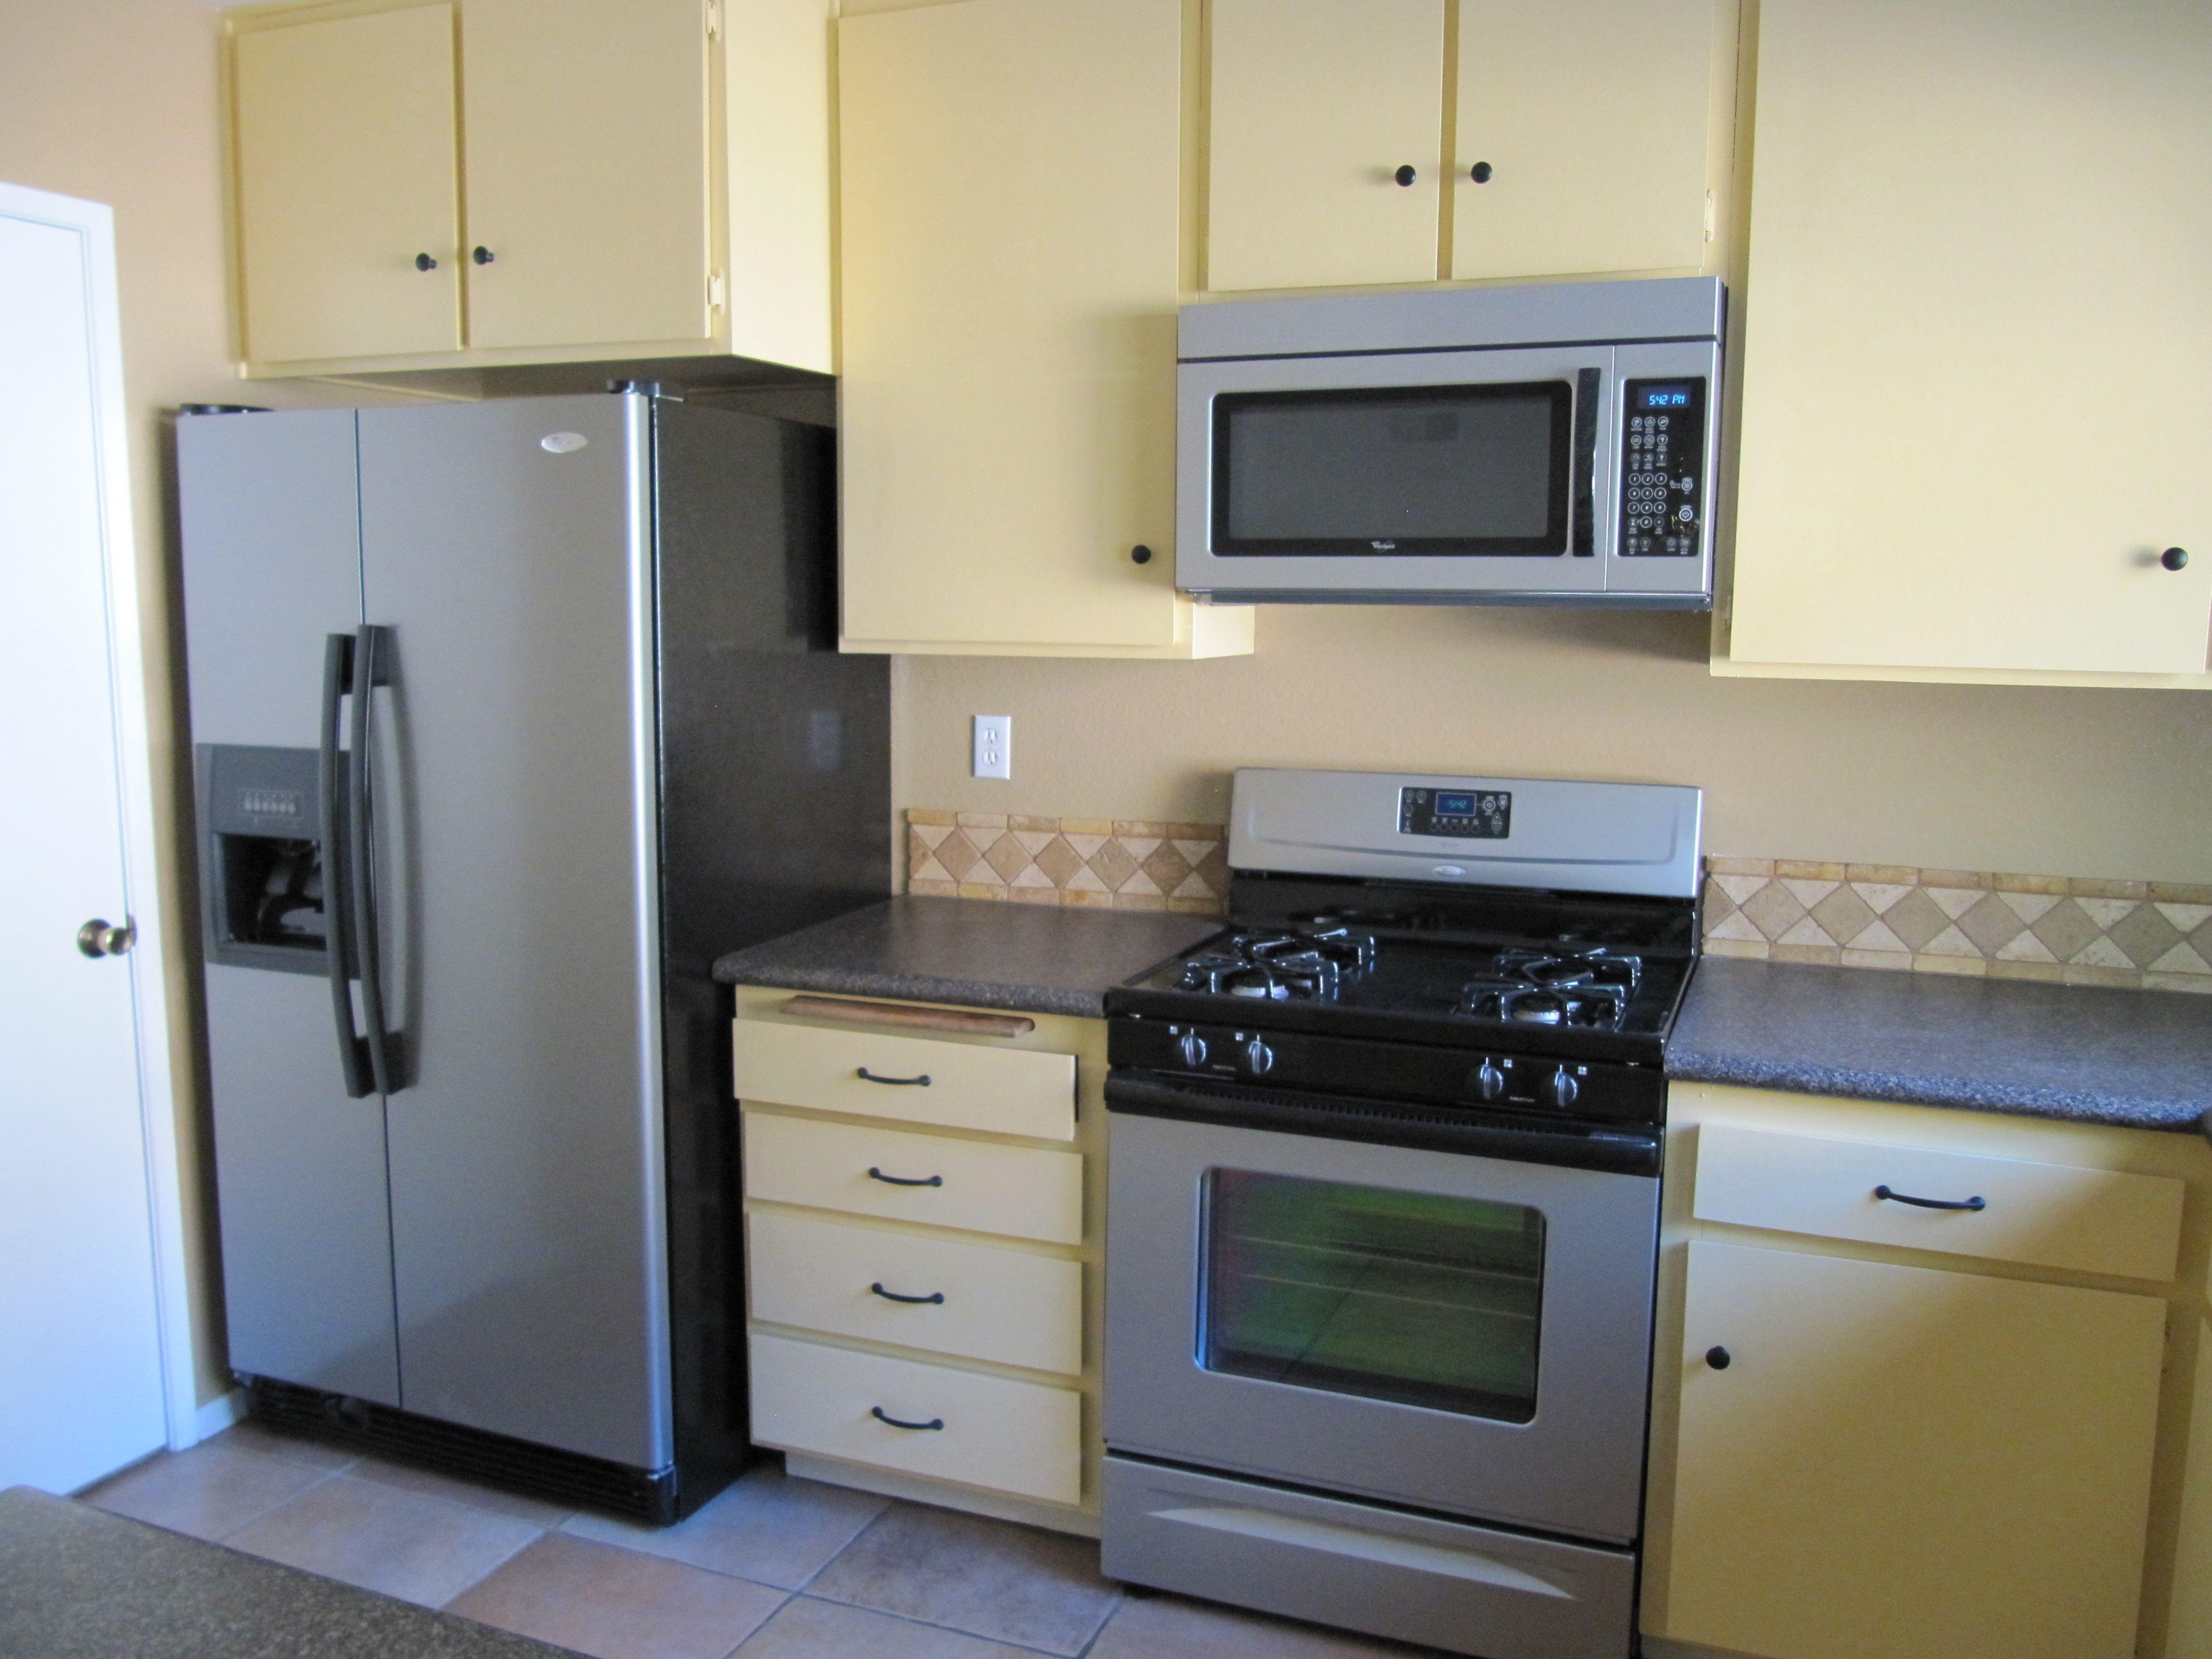 Uncategorized New Kitchen Appliance 11321 ironwood new kitchen appliances